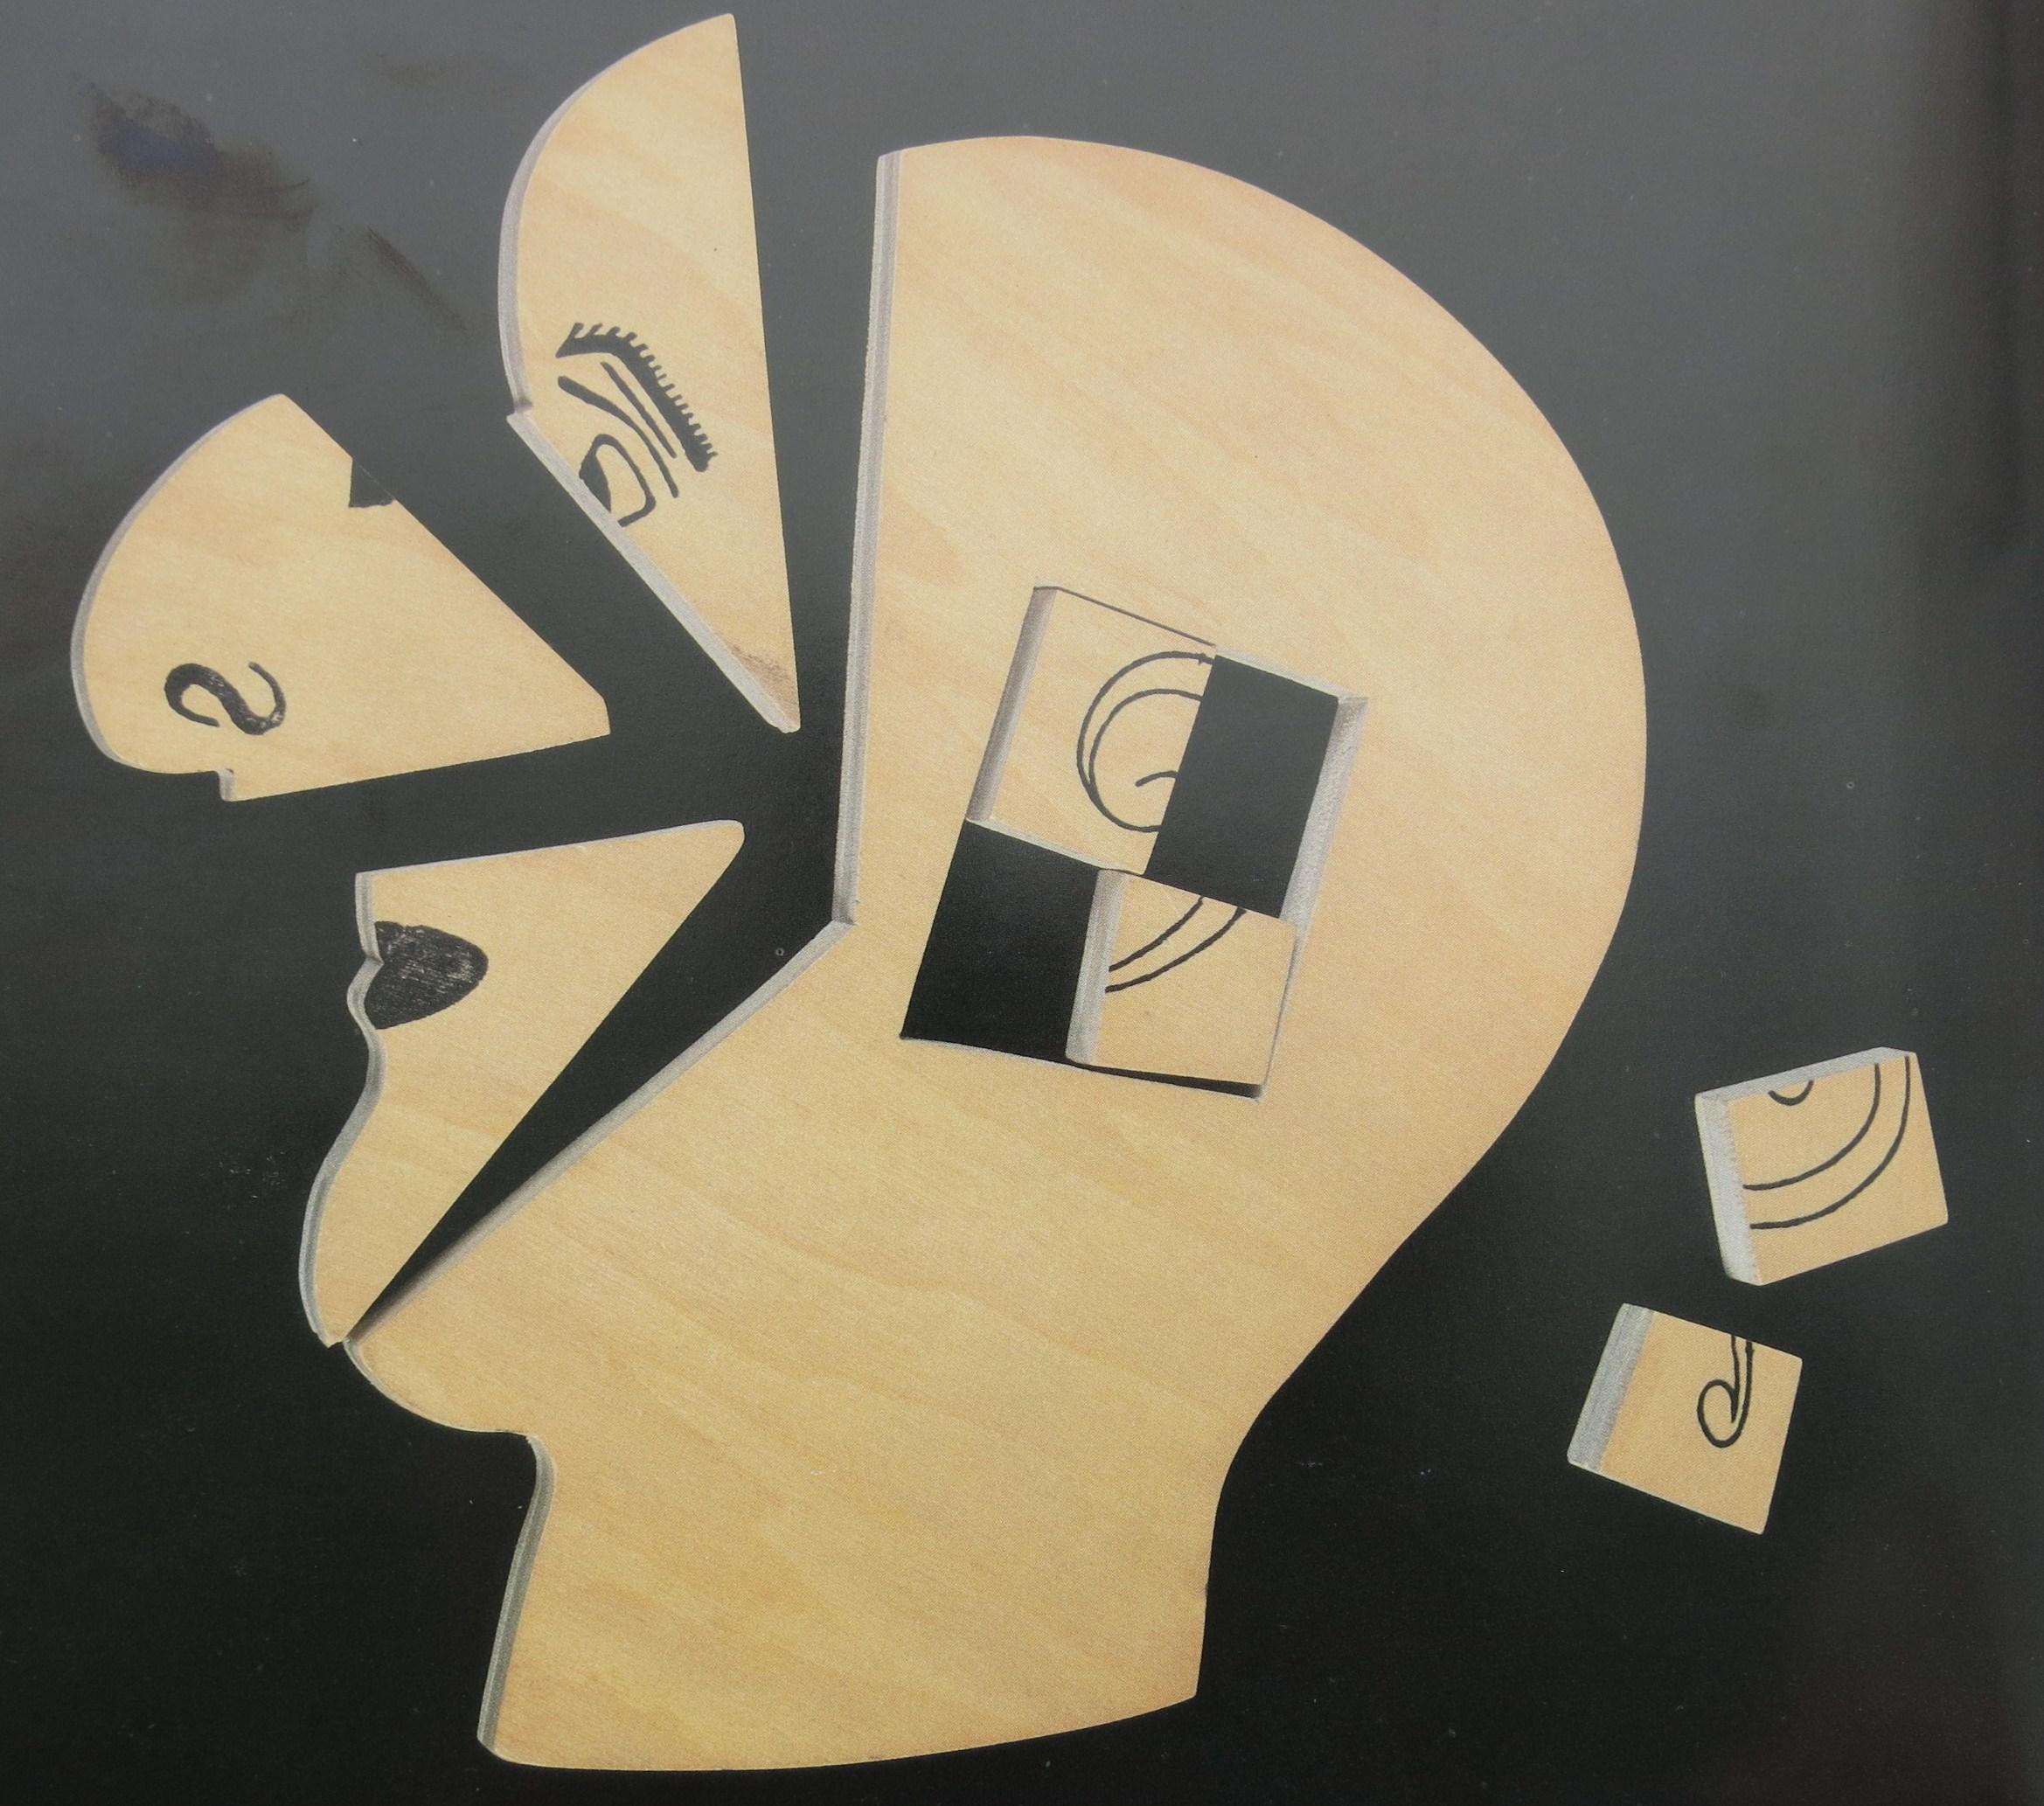 IQ-Test für Einwanderer: auf Ellis Island ausgegebenes Kopfpuzzle. Bildvorlage: Diethelm Knauf